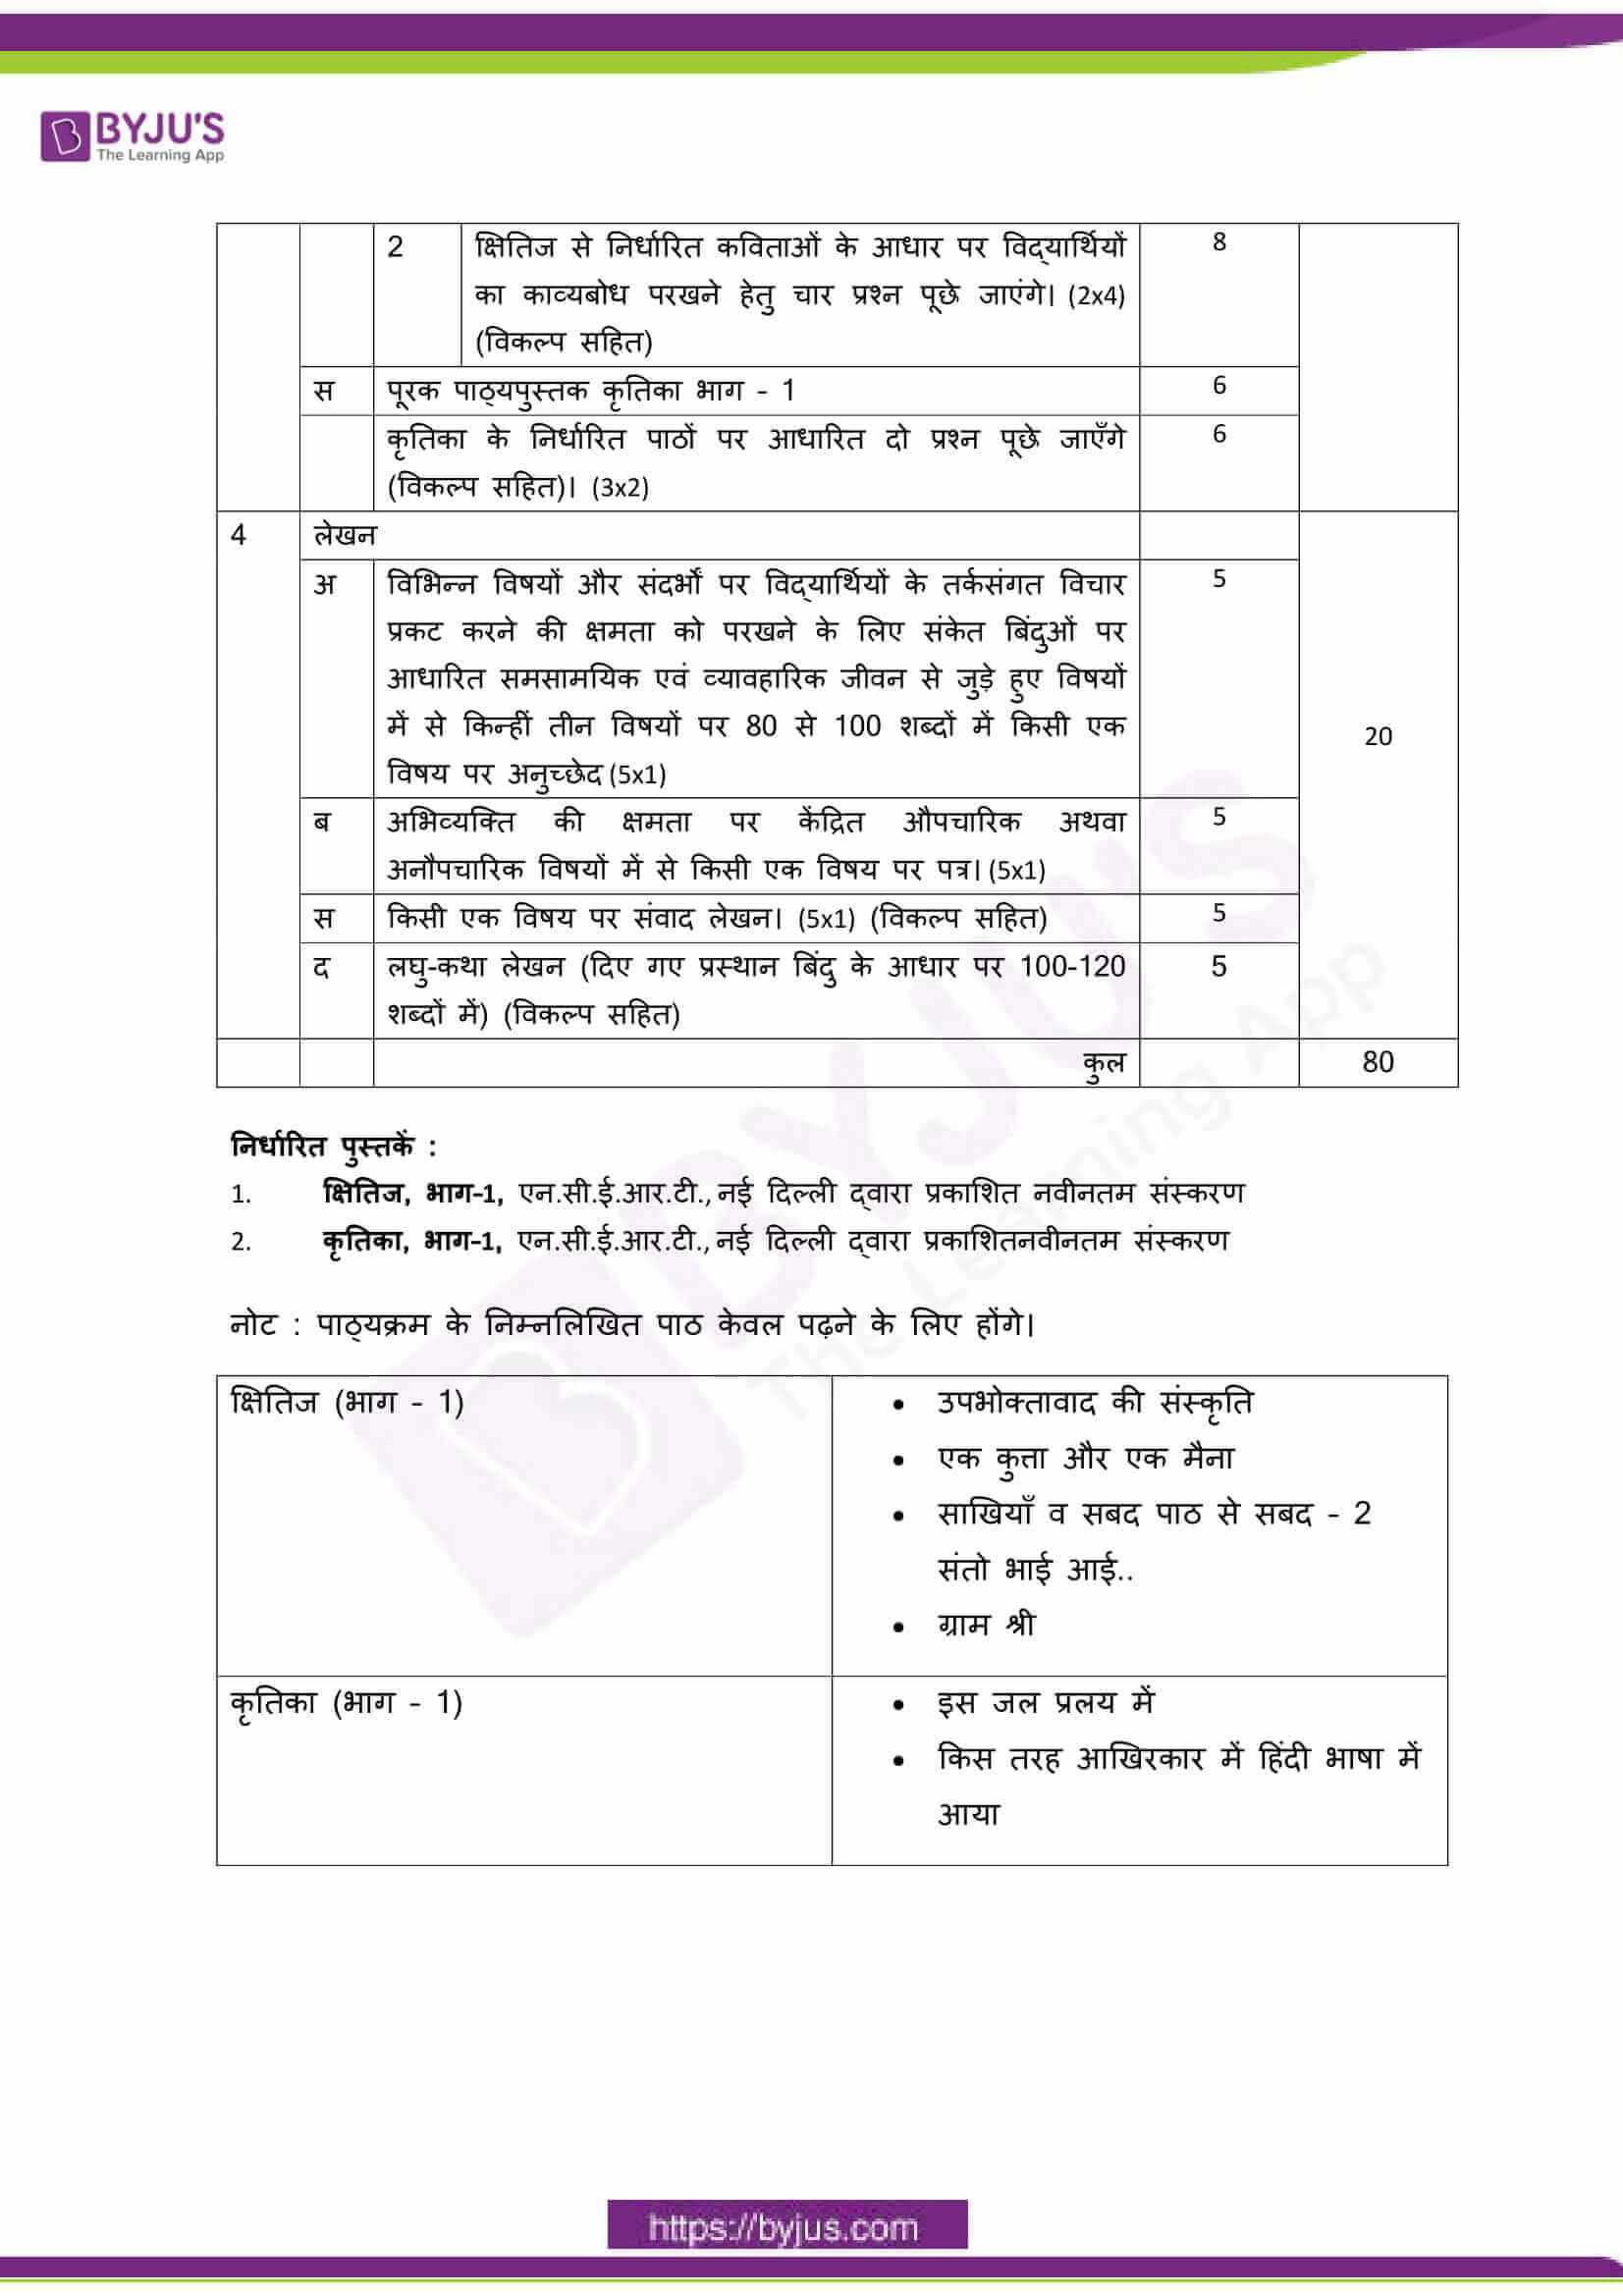 cbse class 9 hindi a sylbus 2020 21 2